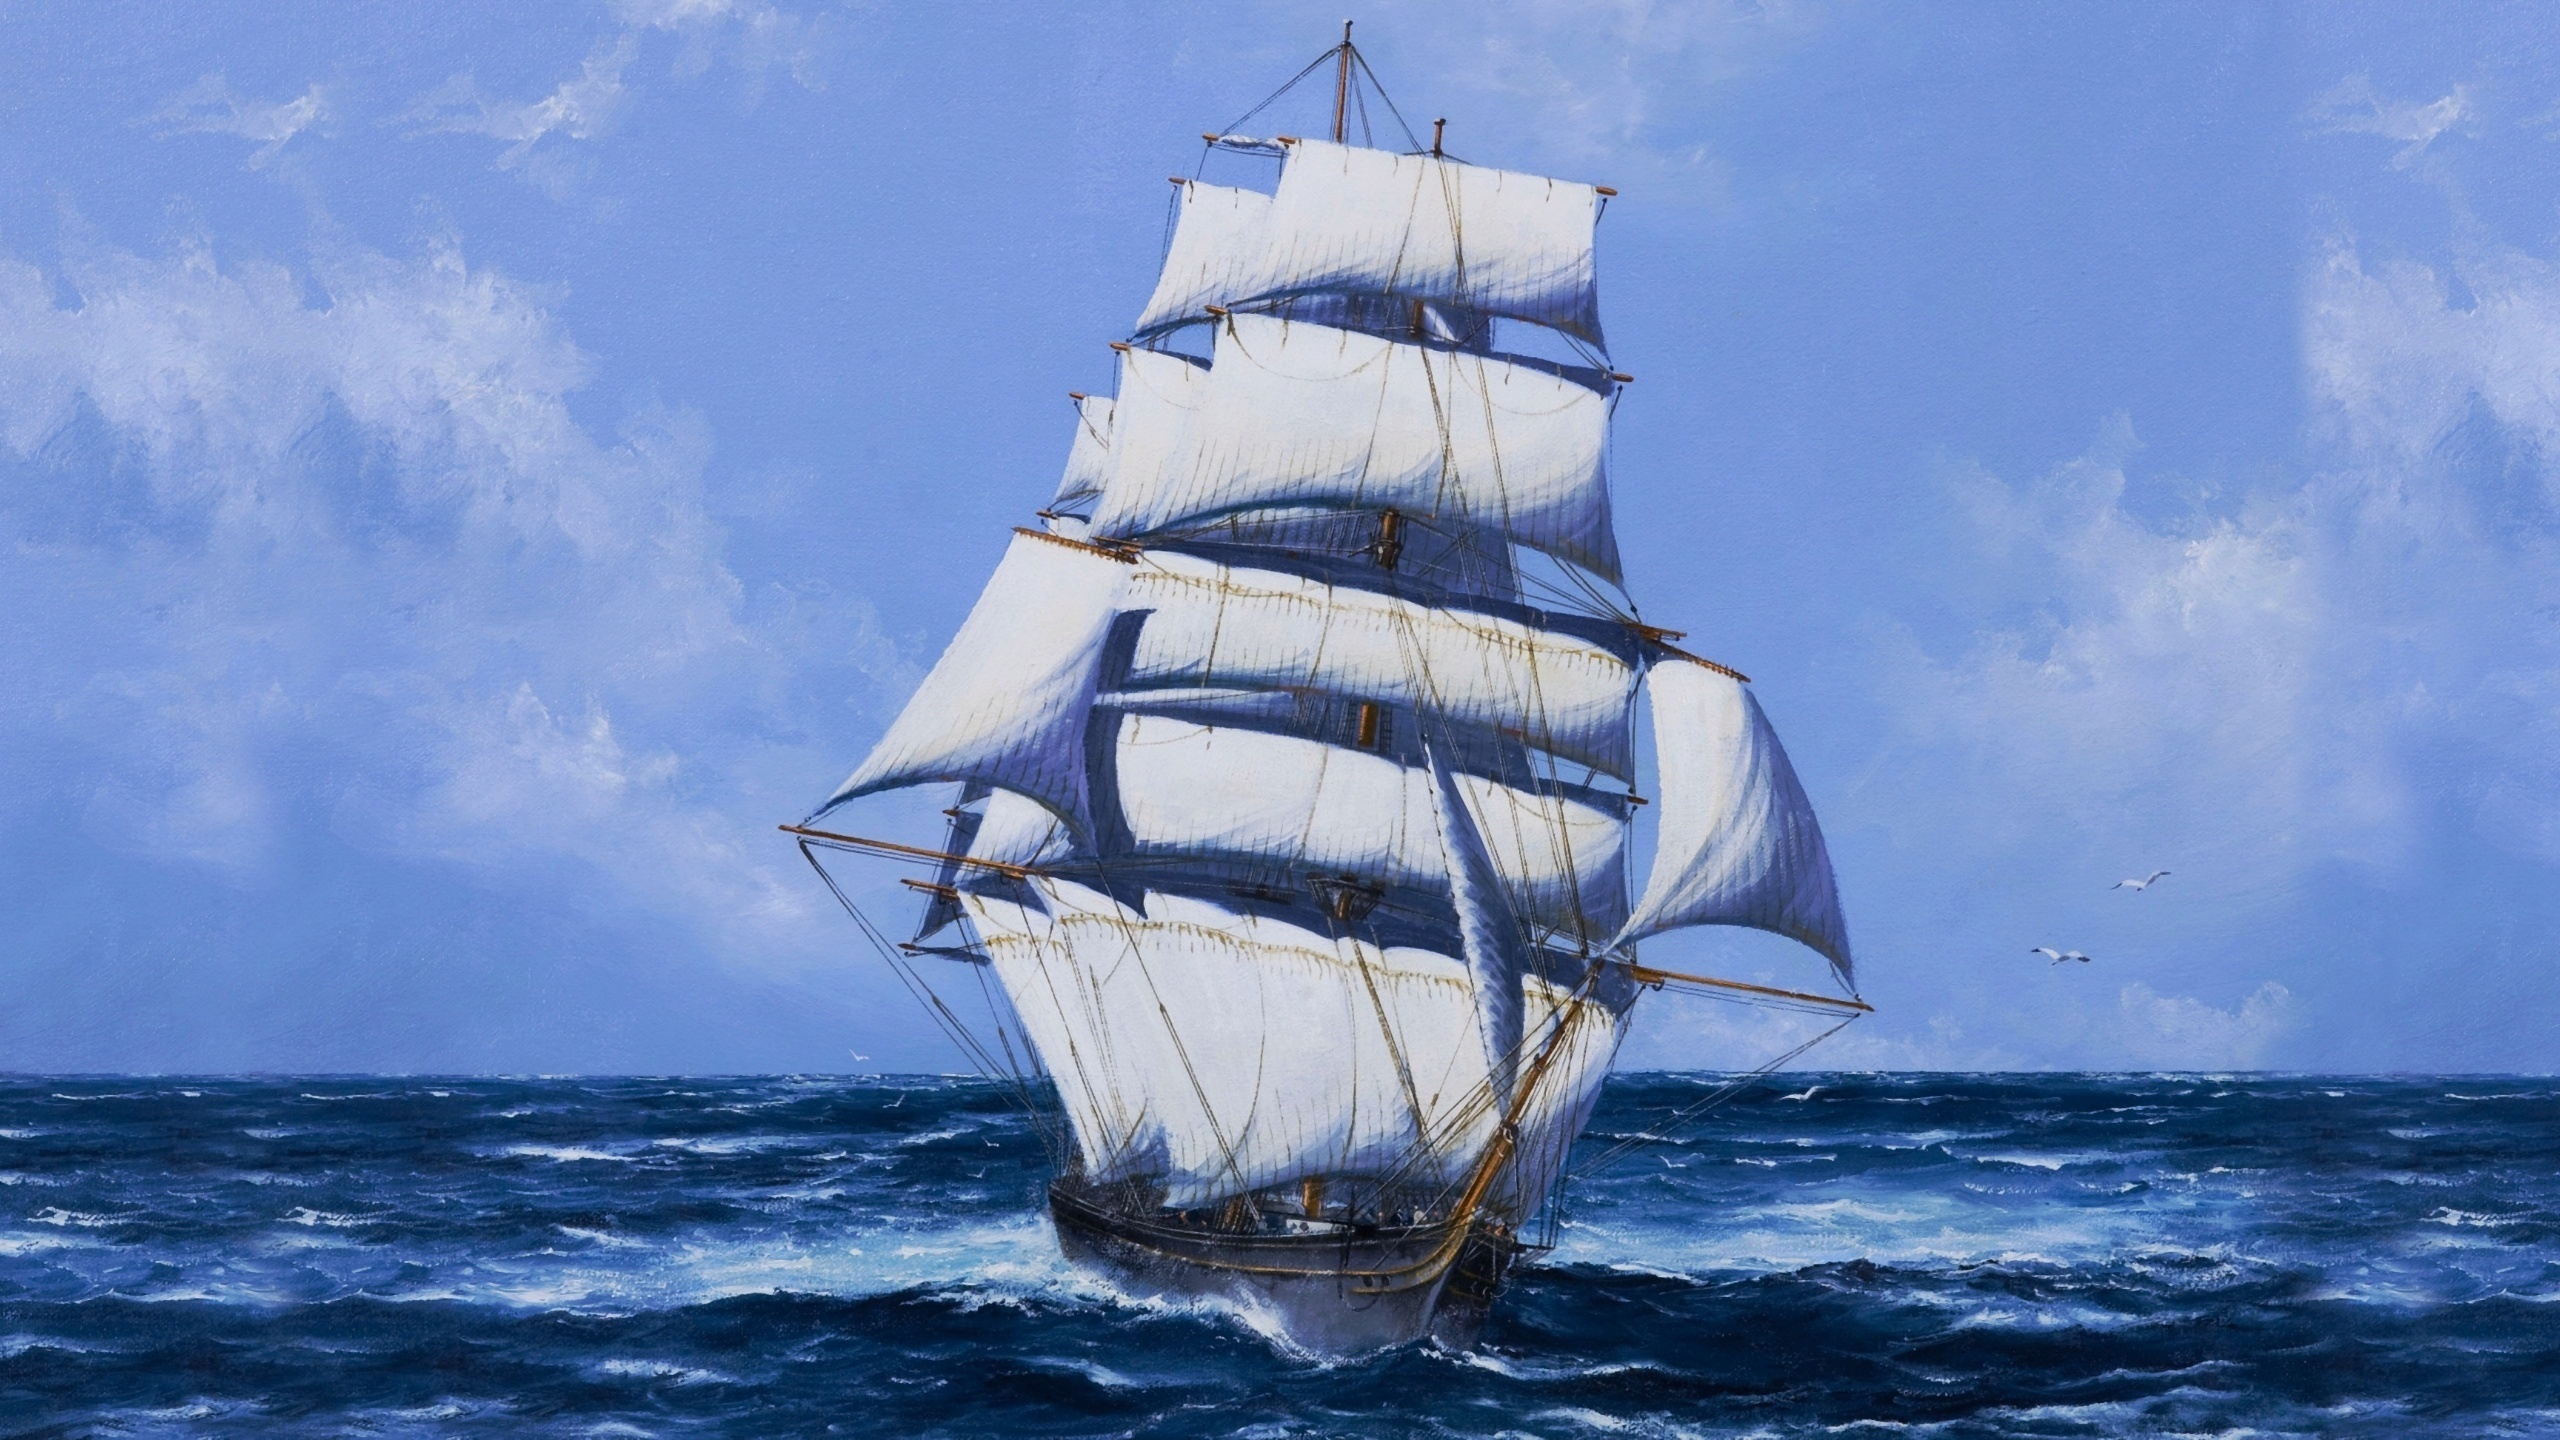 Картинки с видами моря и парусников